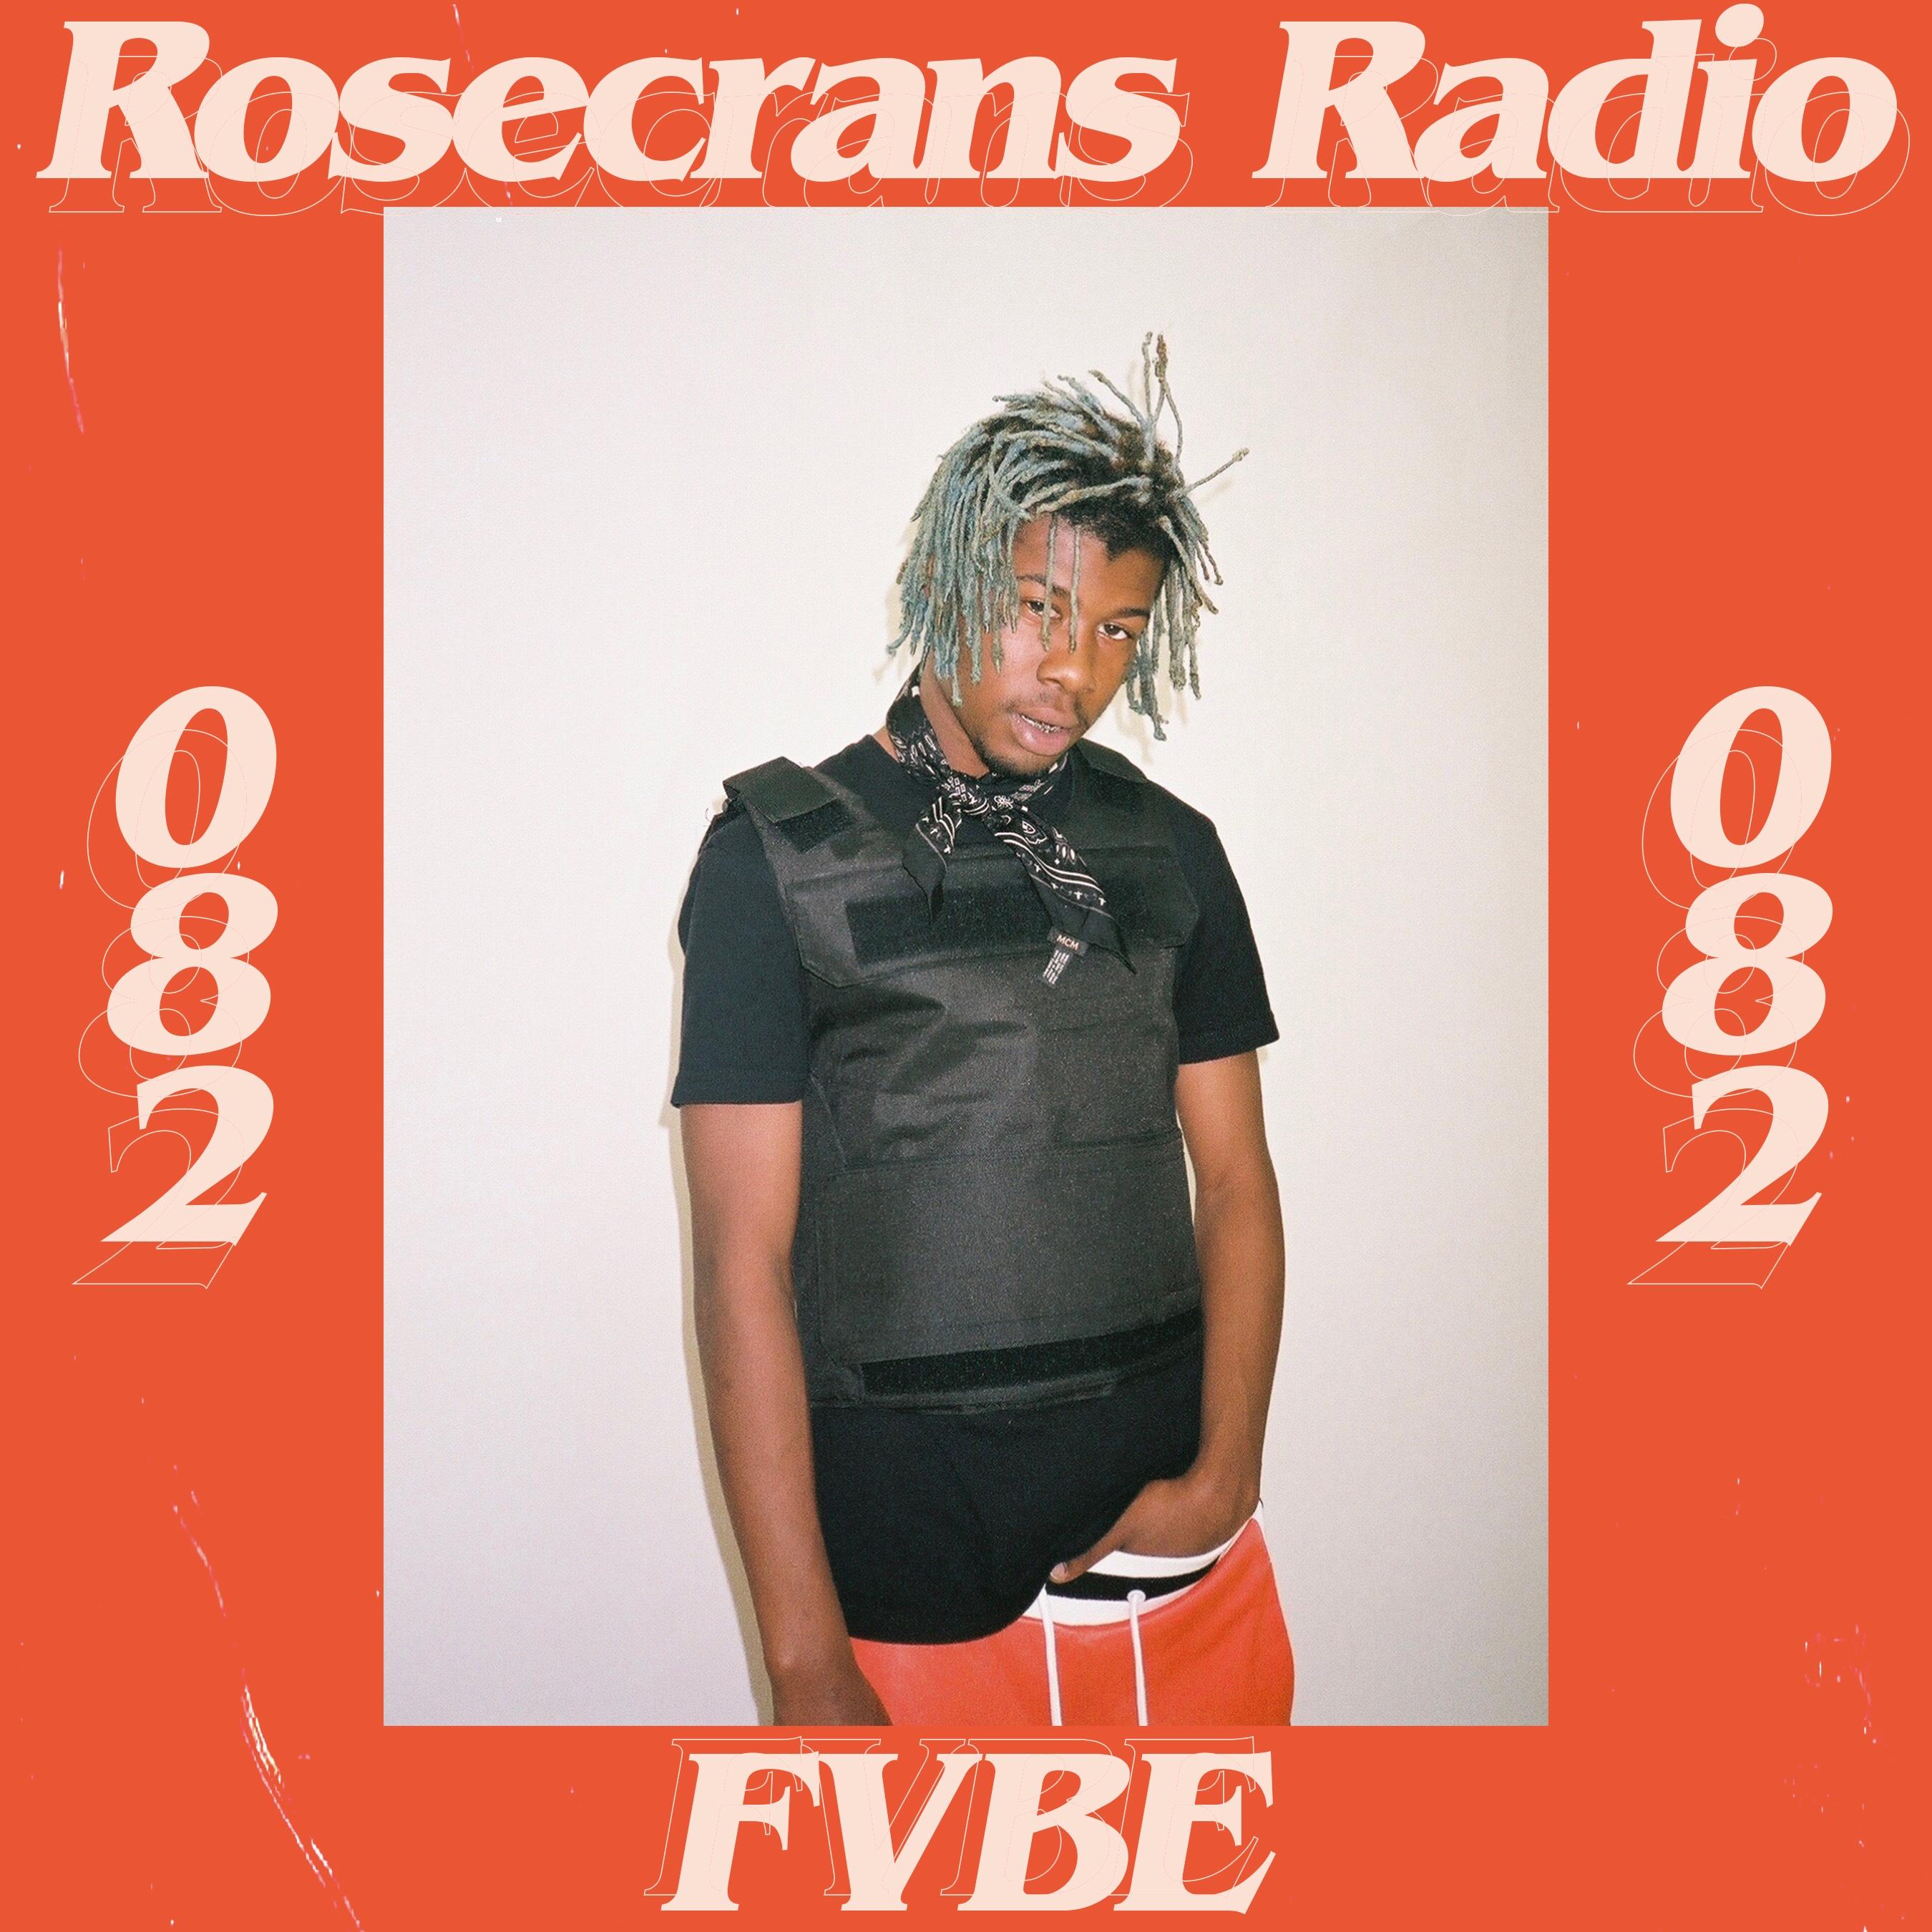 LISTEN- Rosecrans Radio 082 Featuring FVBE